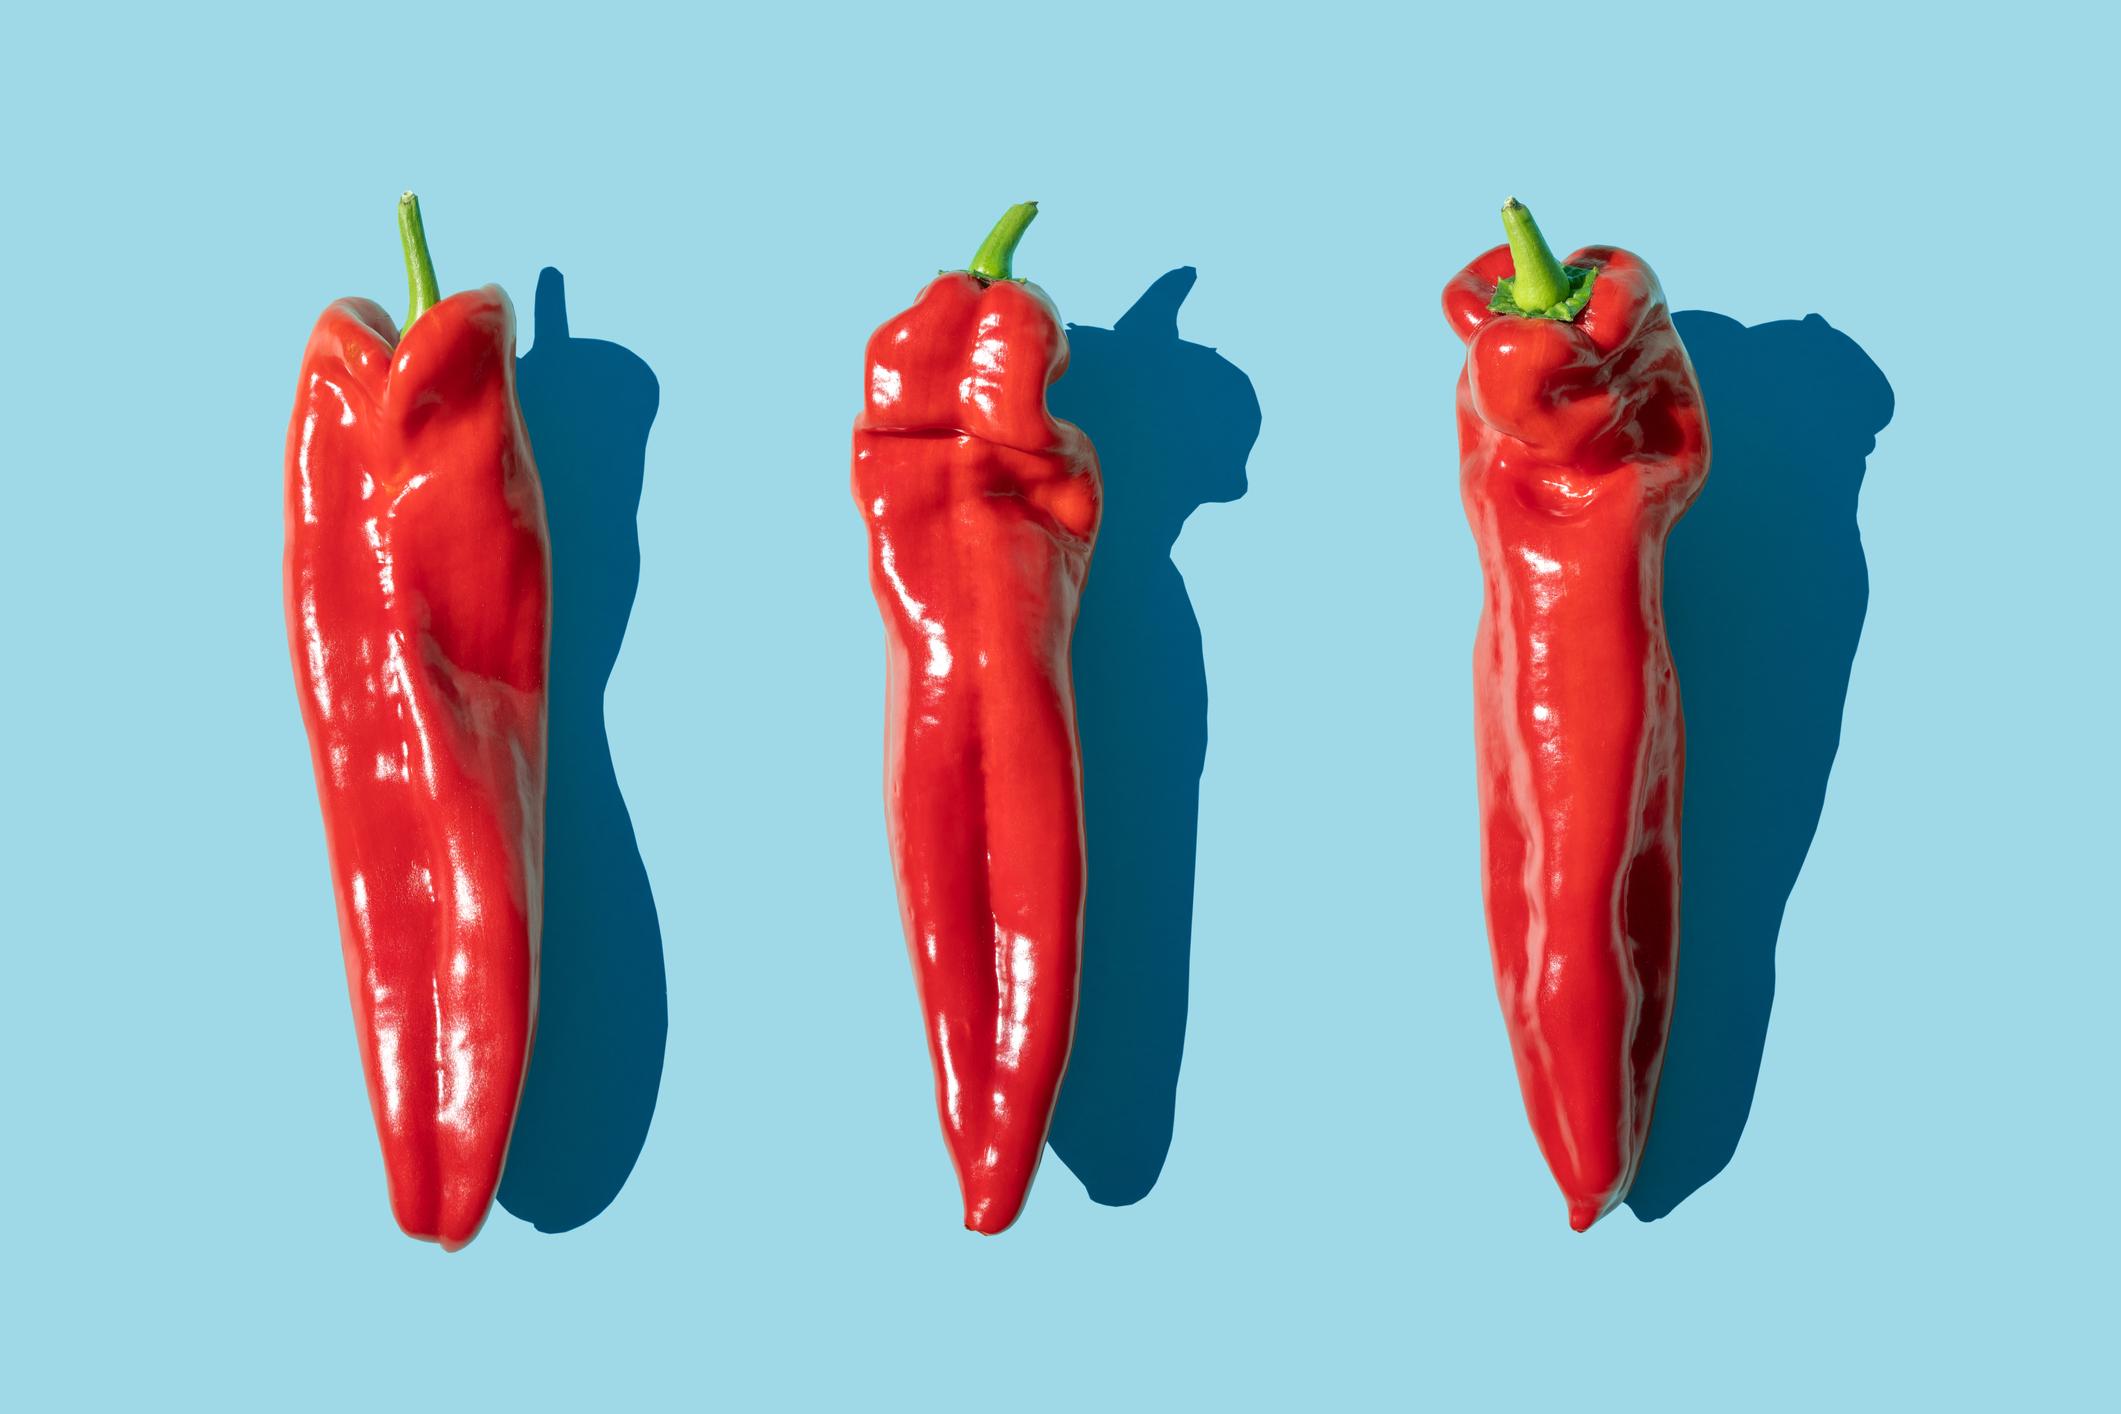 Trois piments rouges